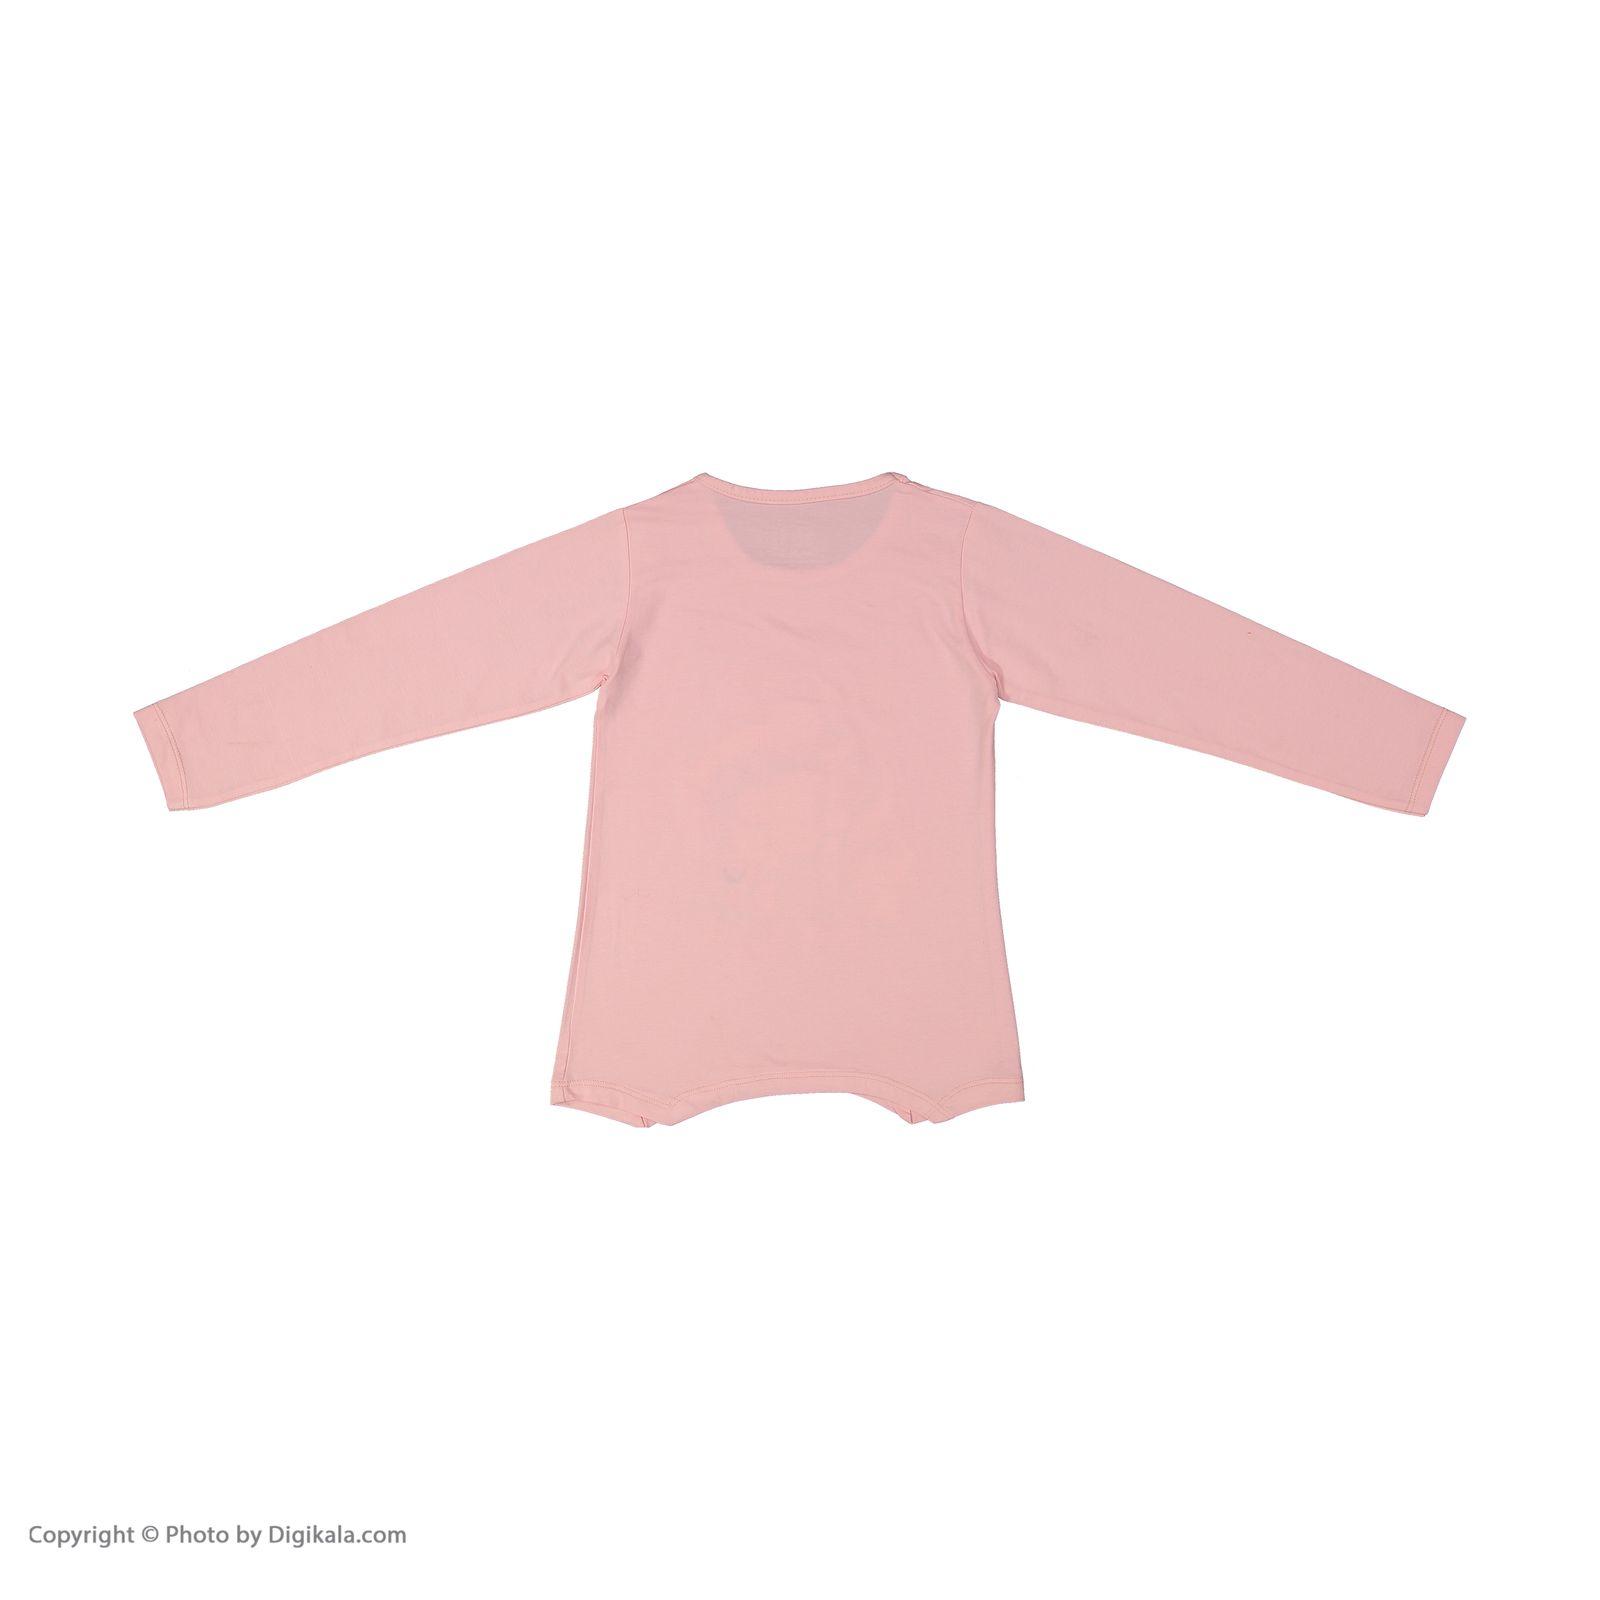 تی شرت دخترانه سون پون مدل 1391352-84 -  - 4